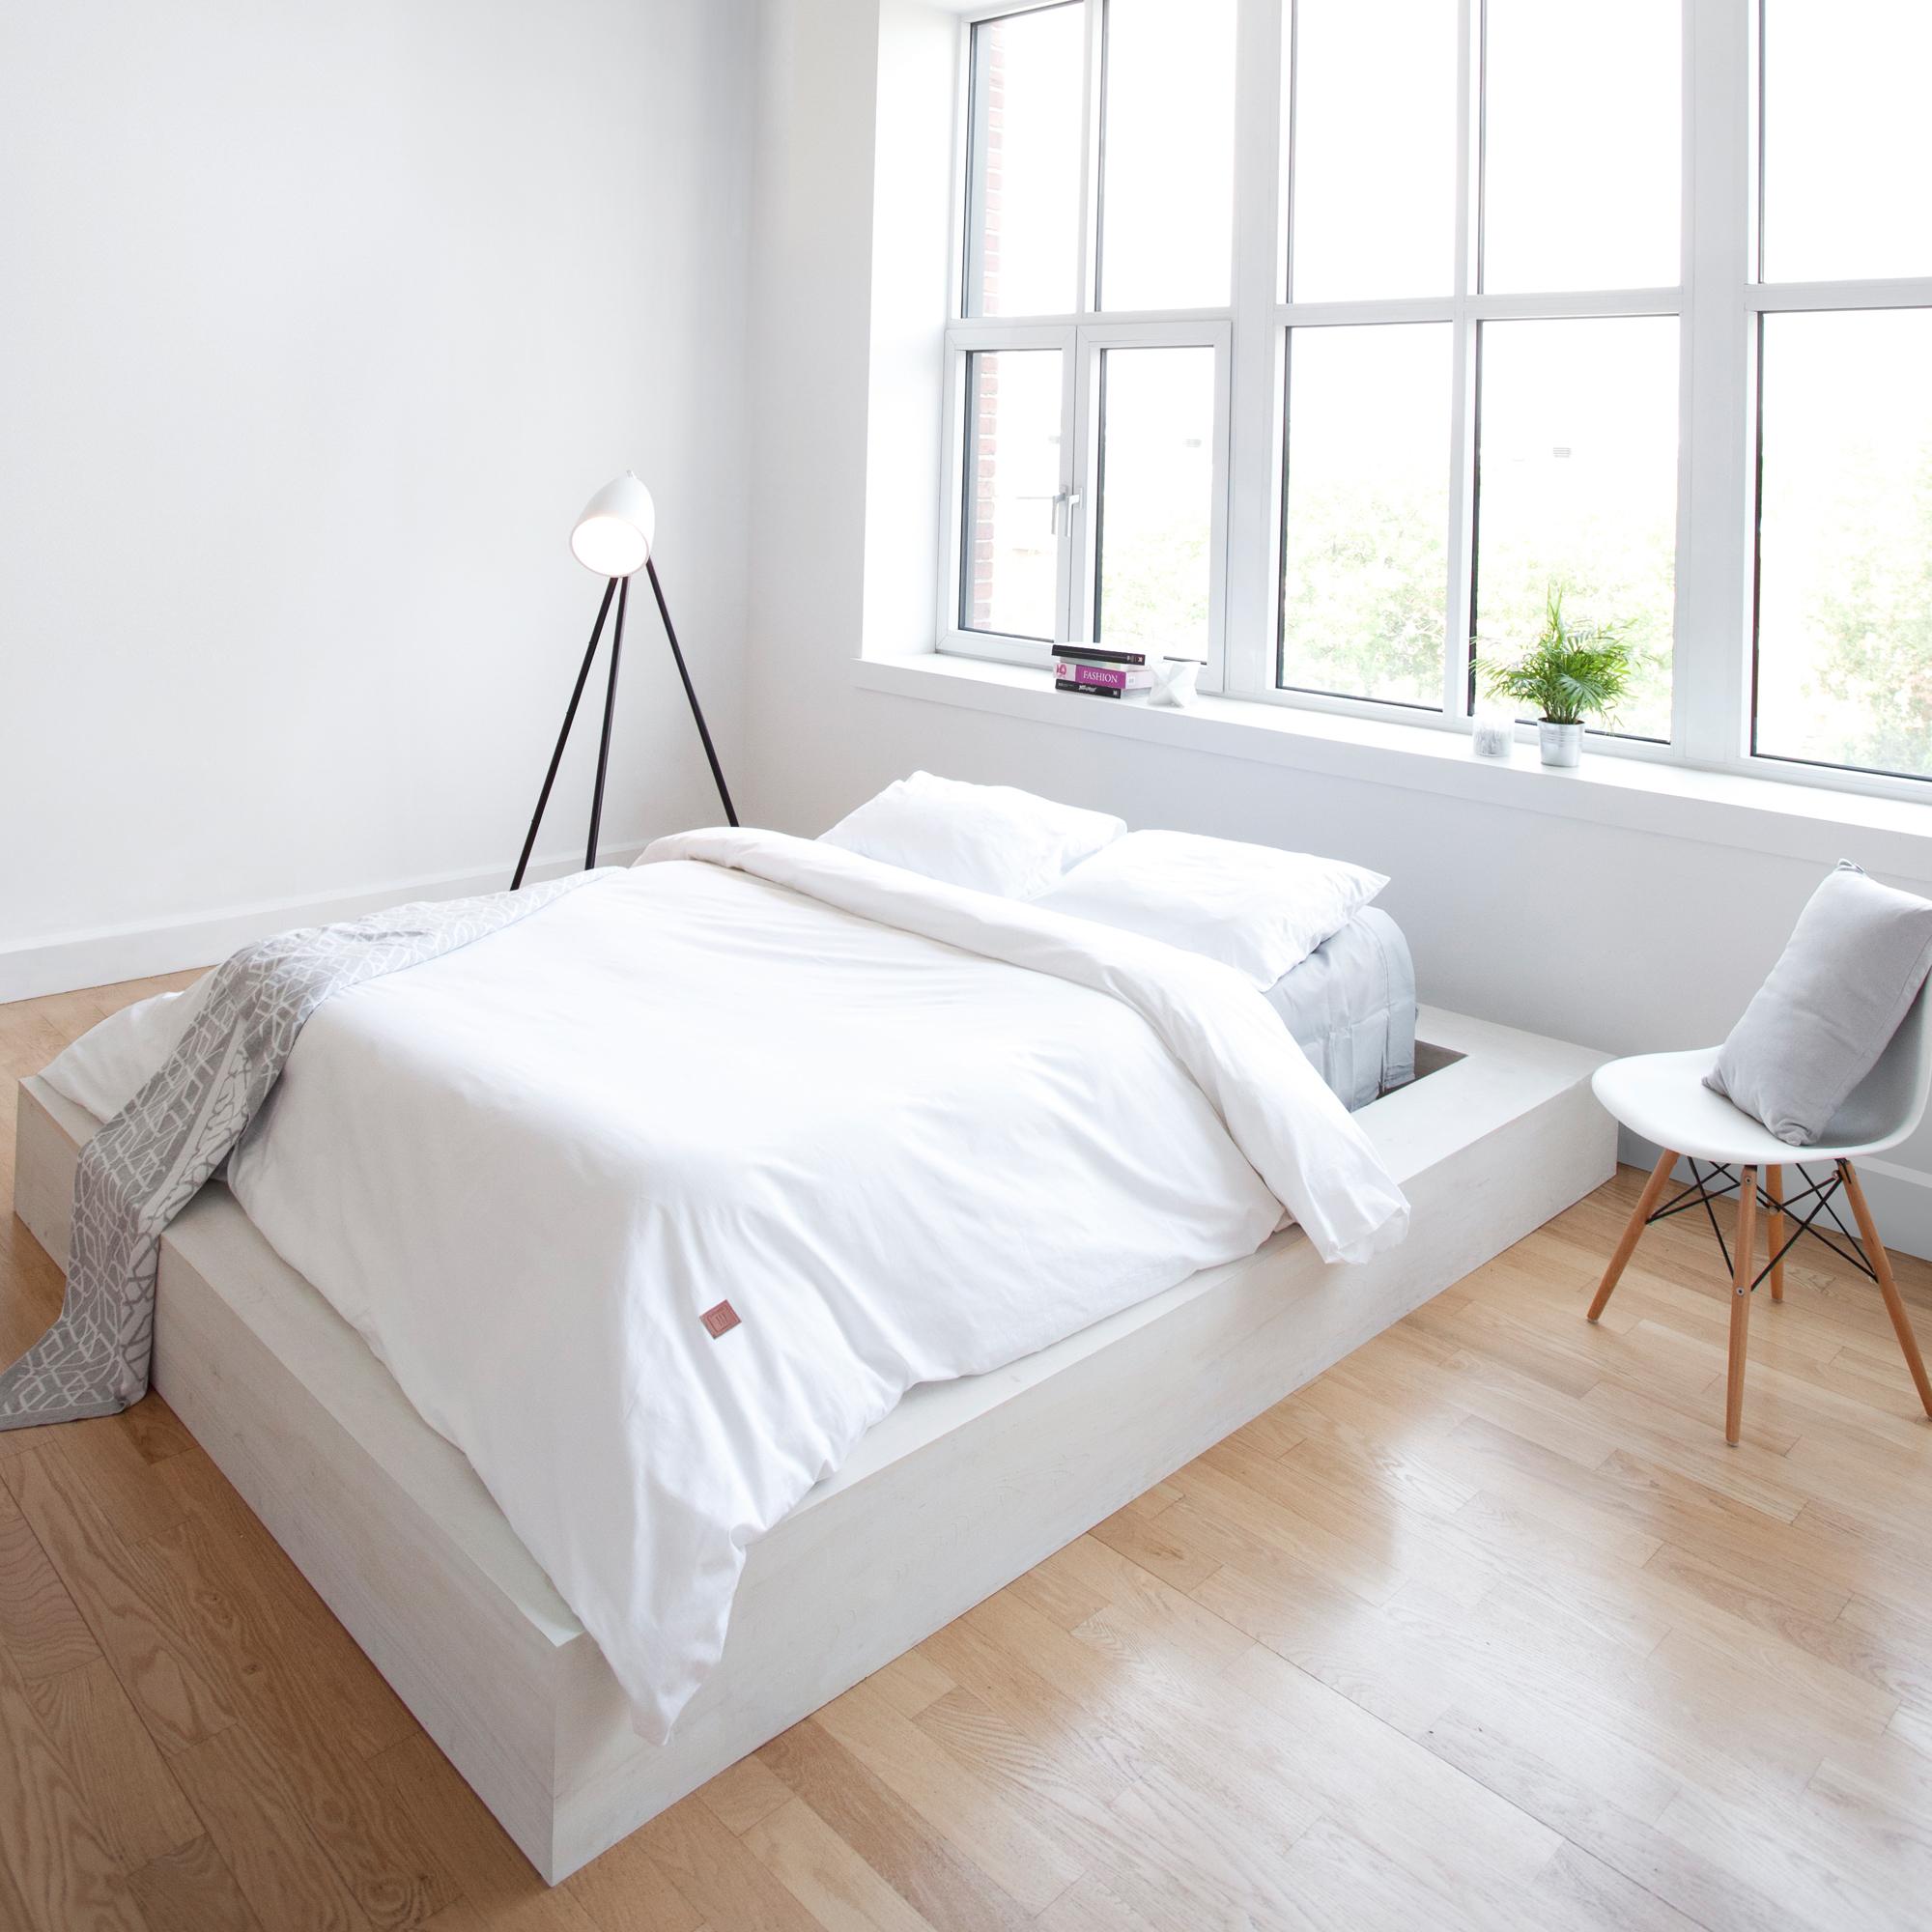 housse de couette mini carr s laduvet nordique. Black Bedroom Furniture Sets. Home Design Ideas